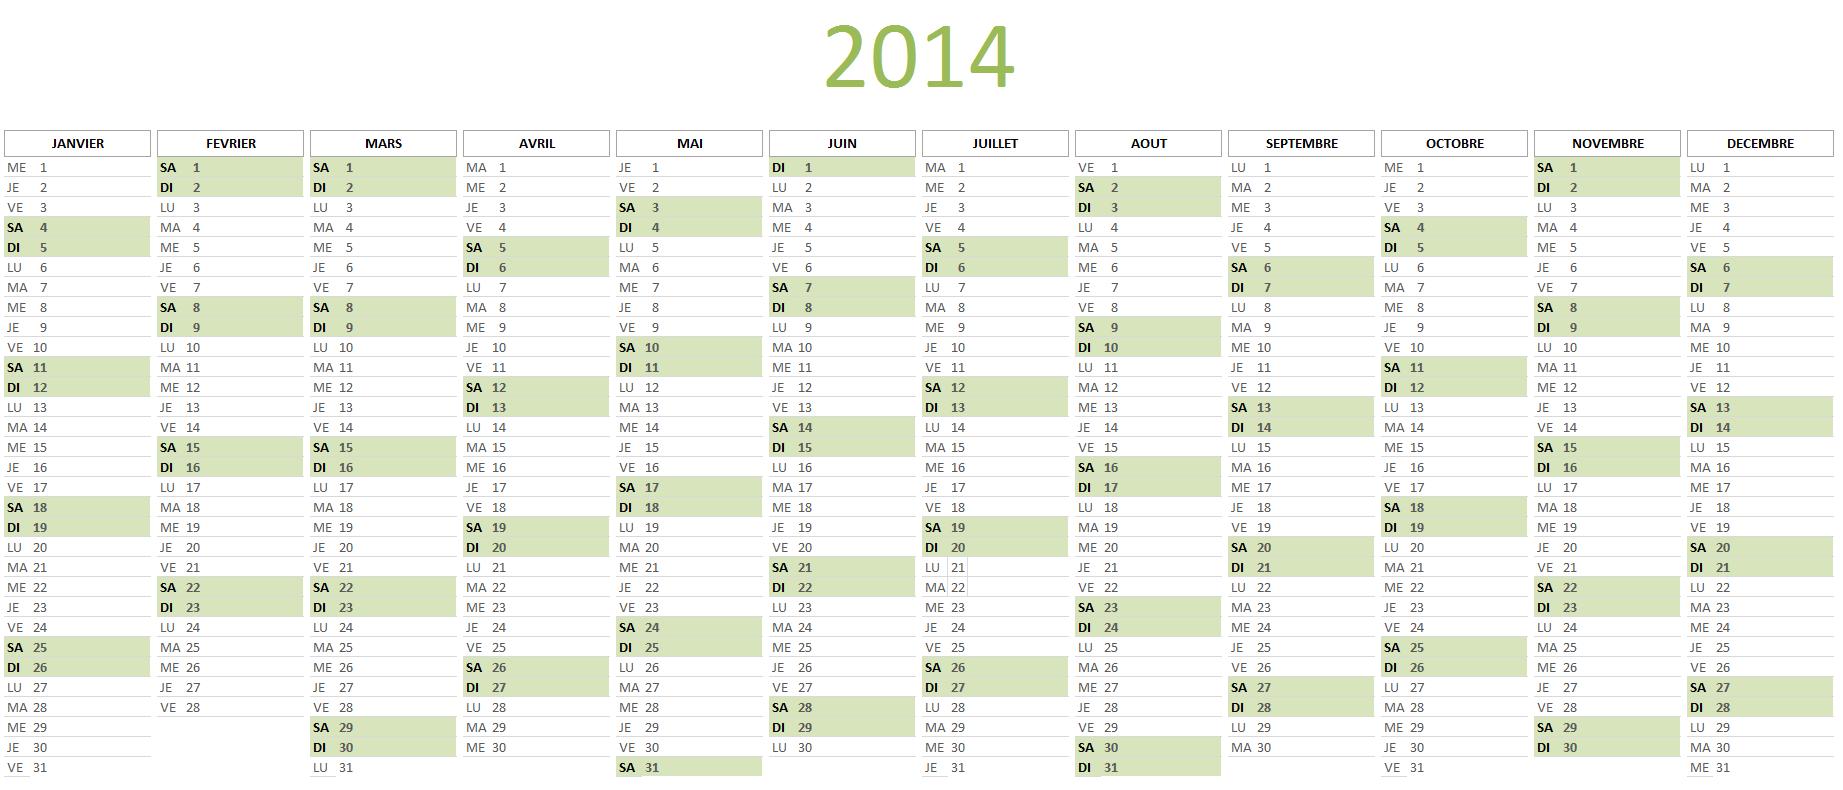 Calendrier 2014 à télécharger gratuitement au format Excel